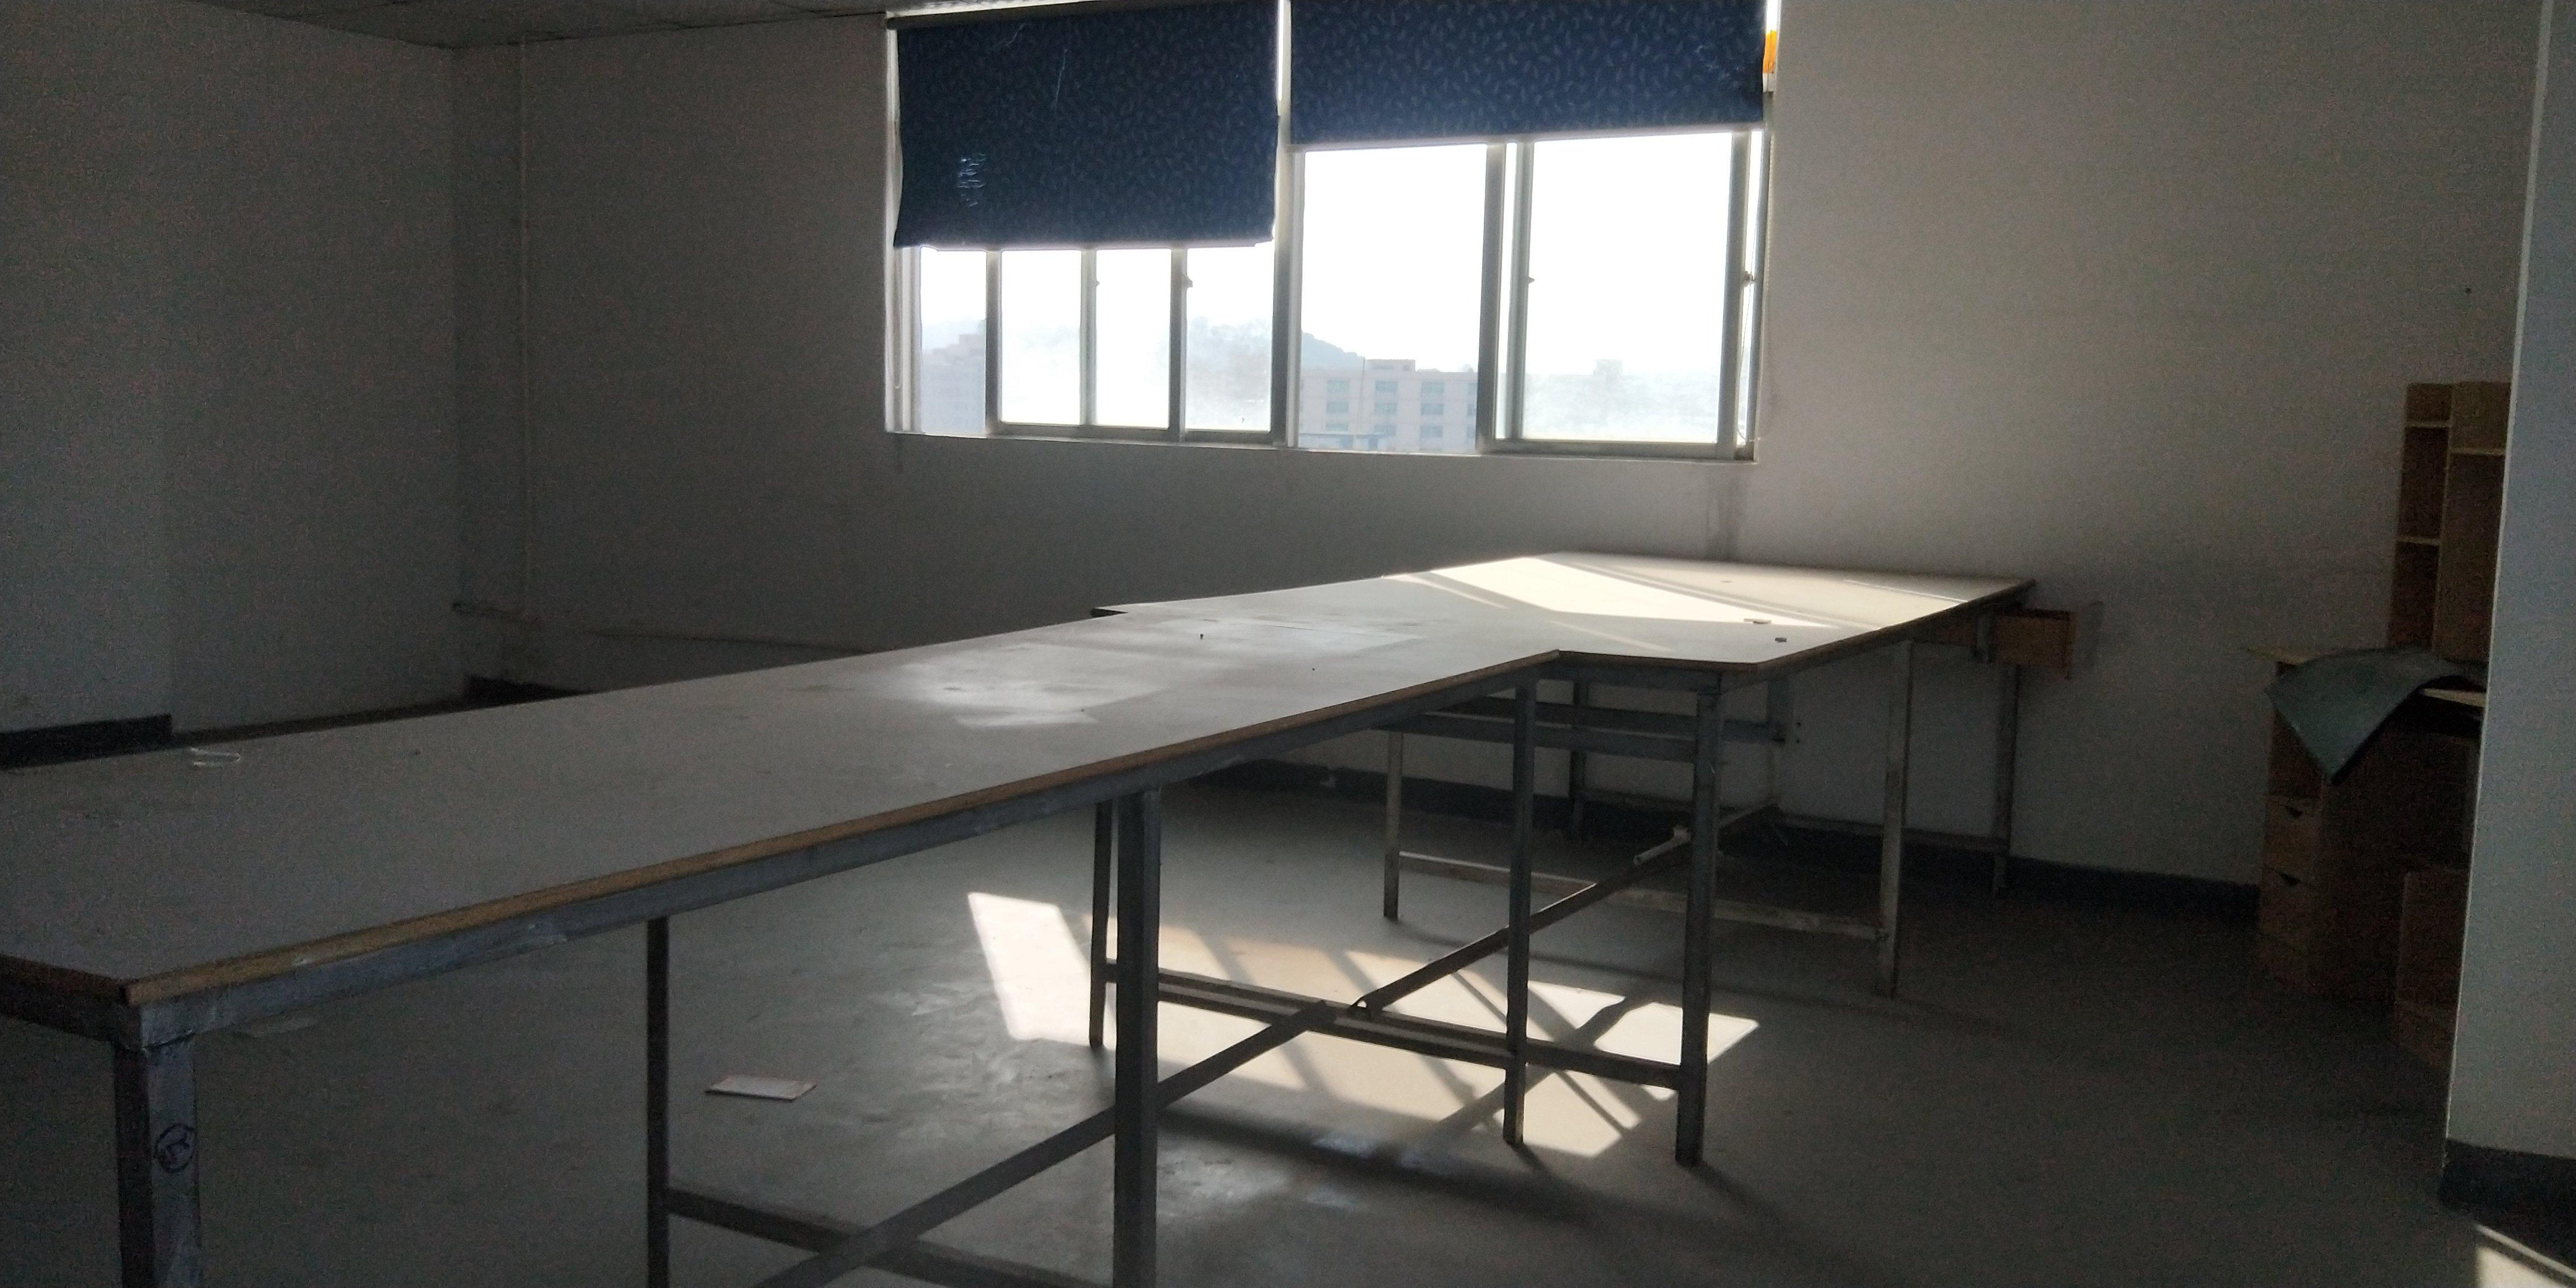 西乡固戍南昌公园附近小面积可办公可做小加工厂房出租-图3